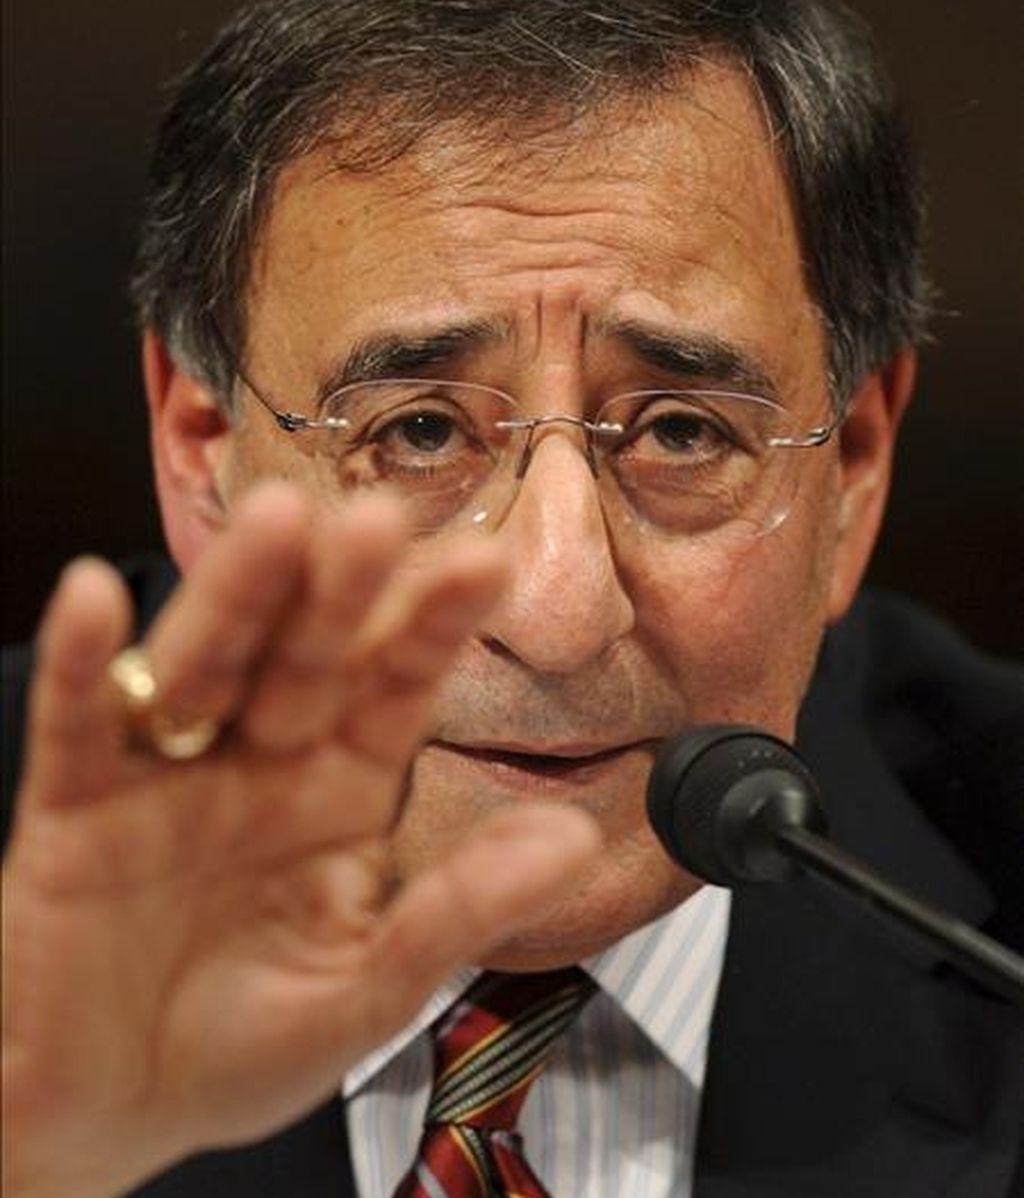 Imagen de este viernes del ex congresista estadounidense León Panetta durante la audiencia de confirmación de su nombramiento como director de la CIA. EFE